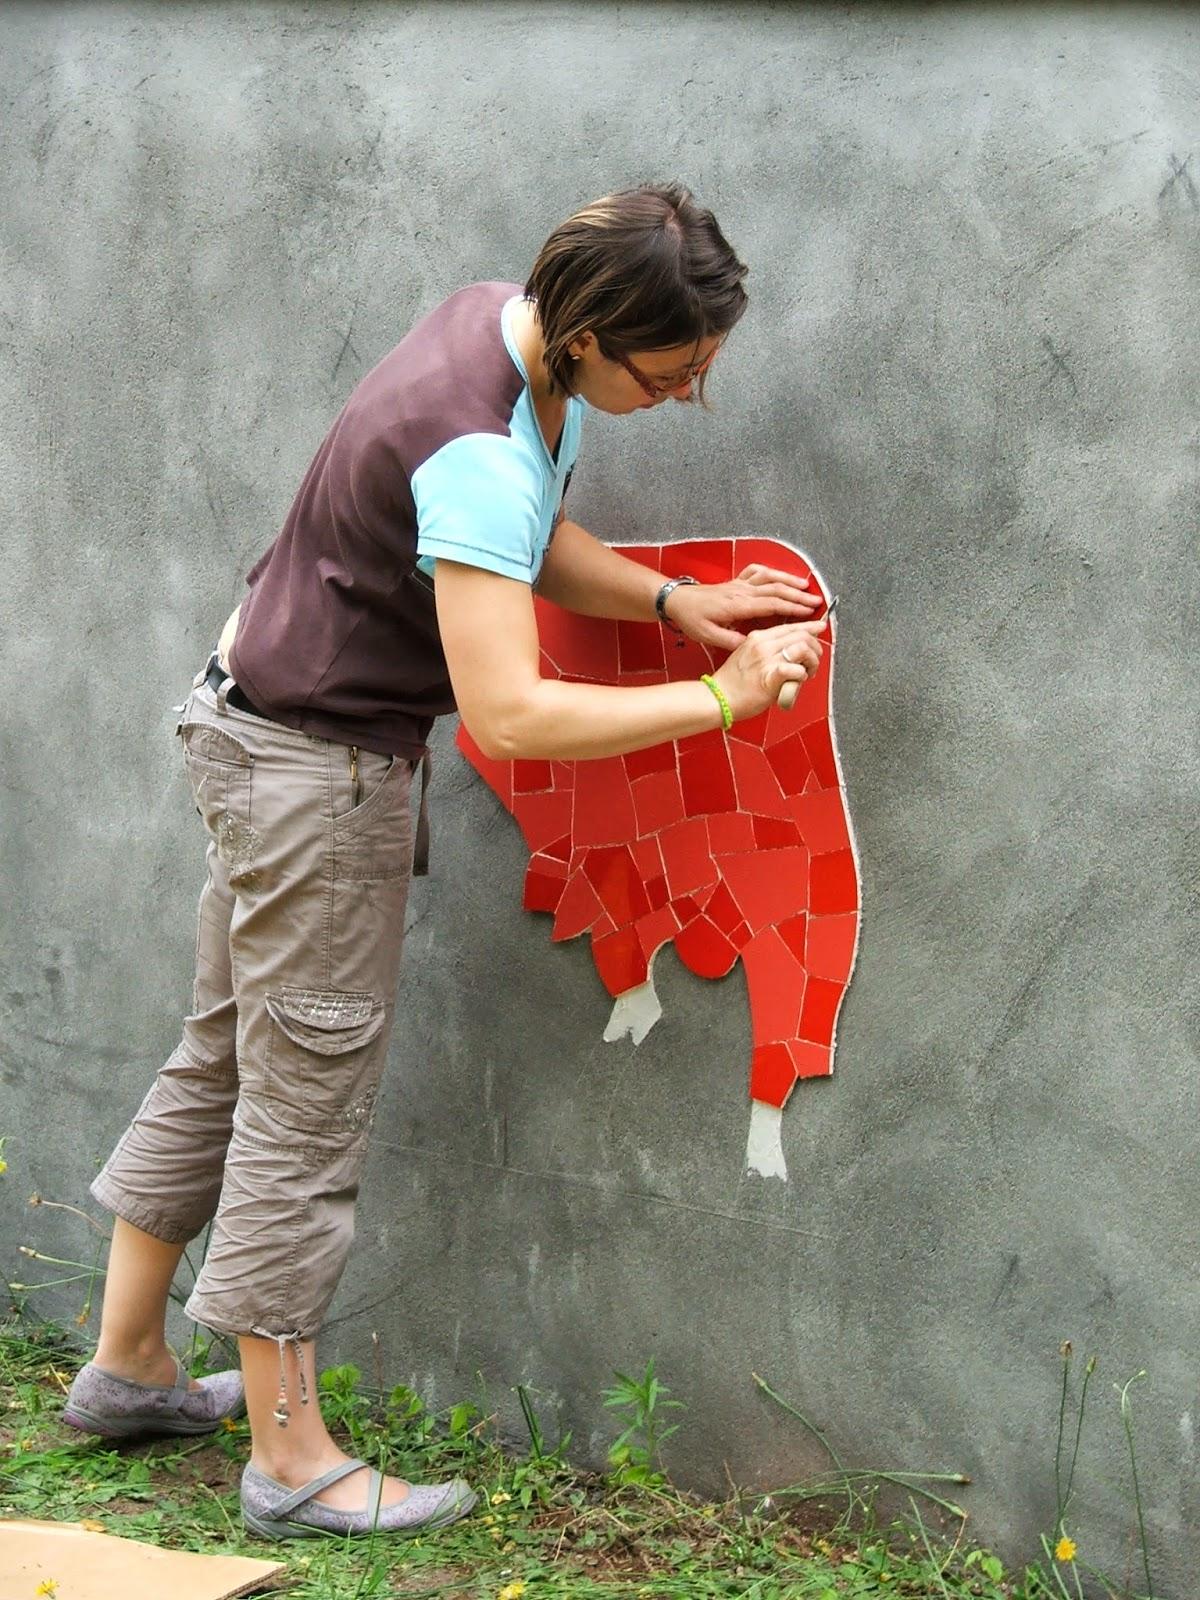 réalisation de chantier mosaïque chez client particulier par artiste mosaïste mimi vermicelle